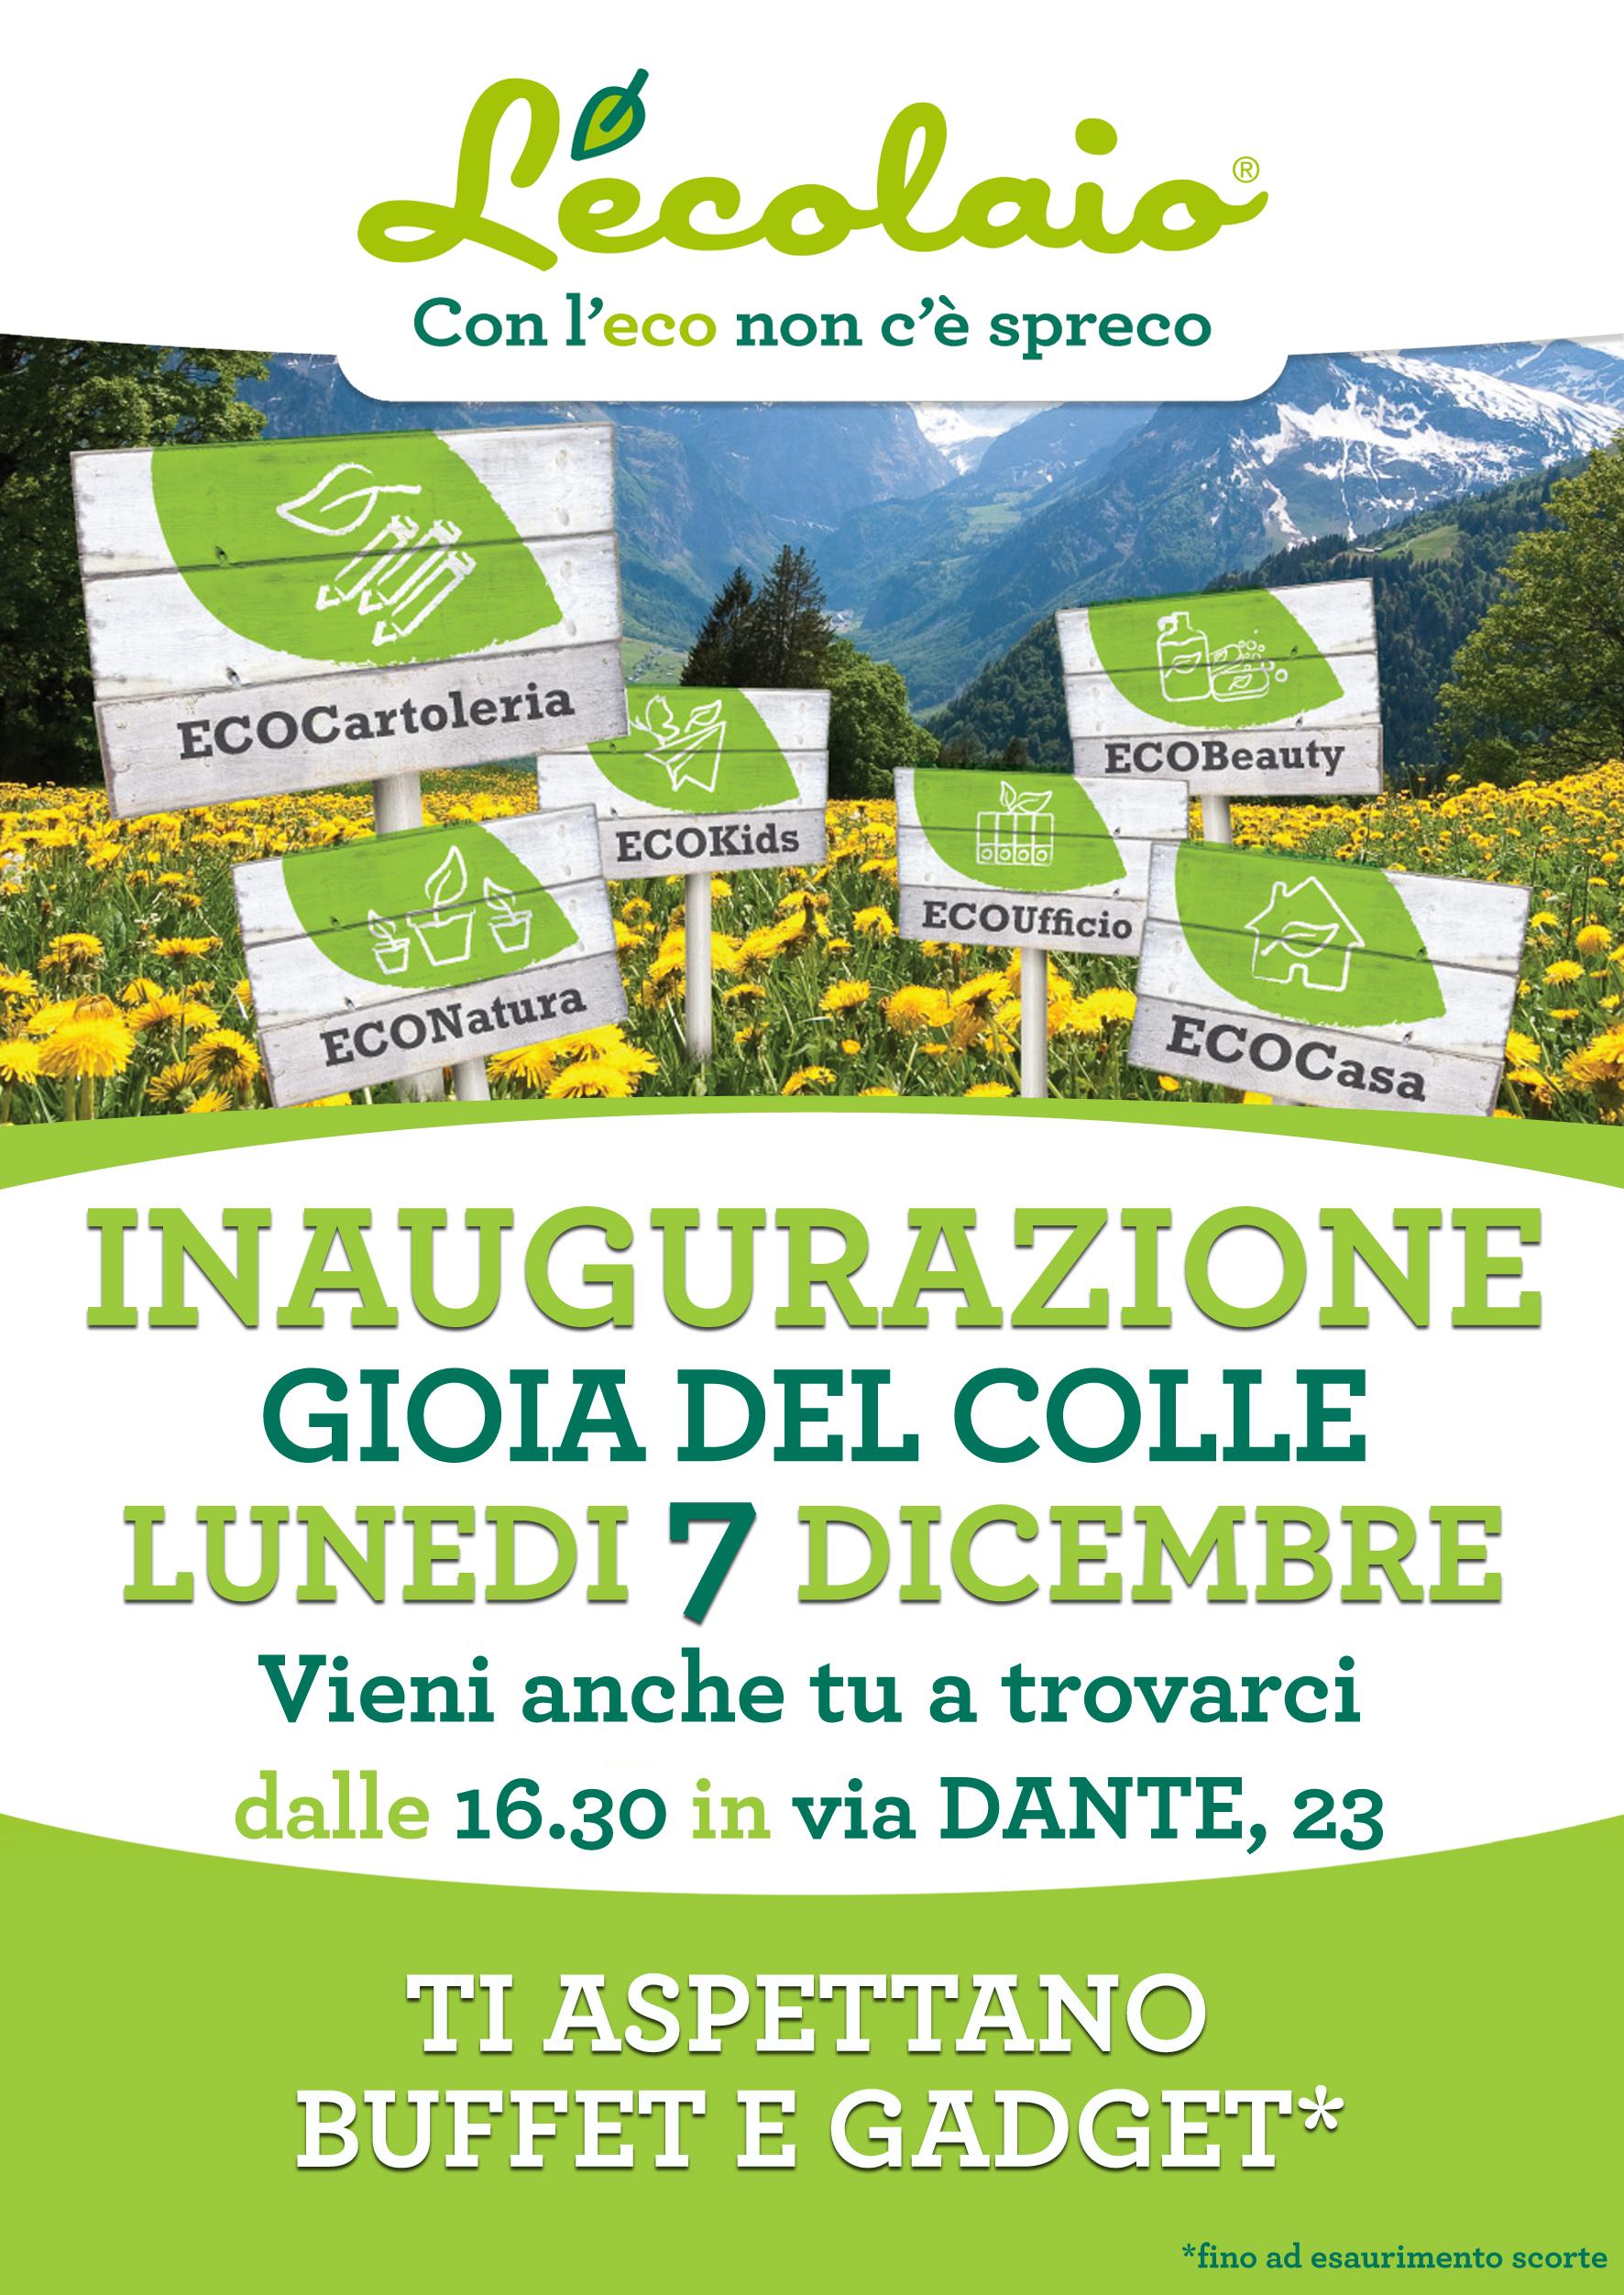 dicembre inaugurazione Gioia del Colle - LEcolaio